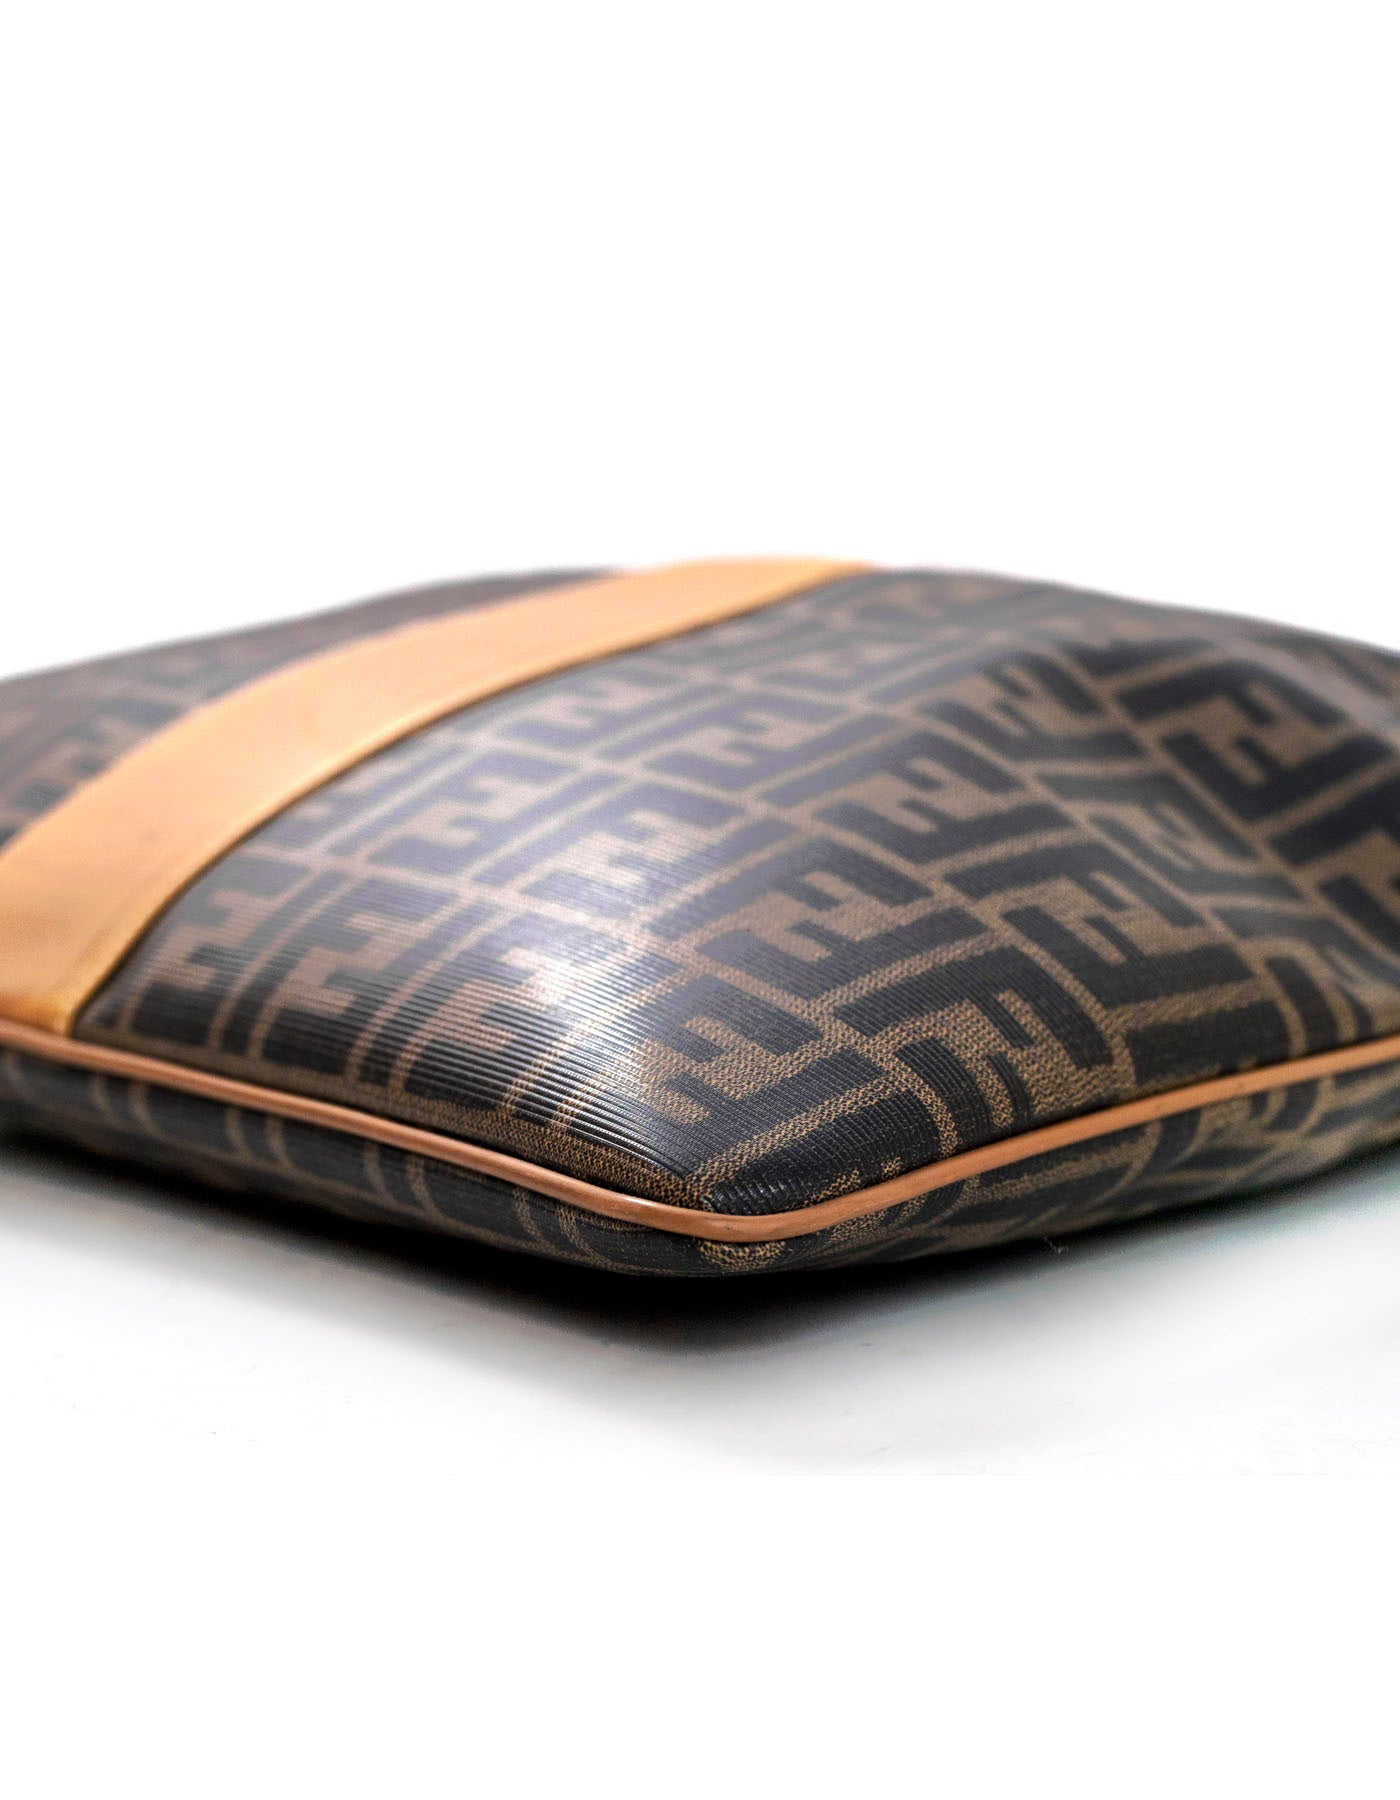 de2023c418 Fendi Vintage Foldover Zucca Tote/Clutch Bag For Sale at 1stdibs